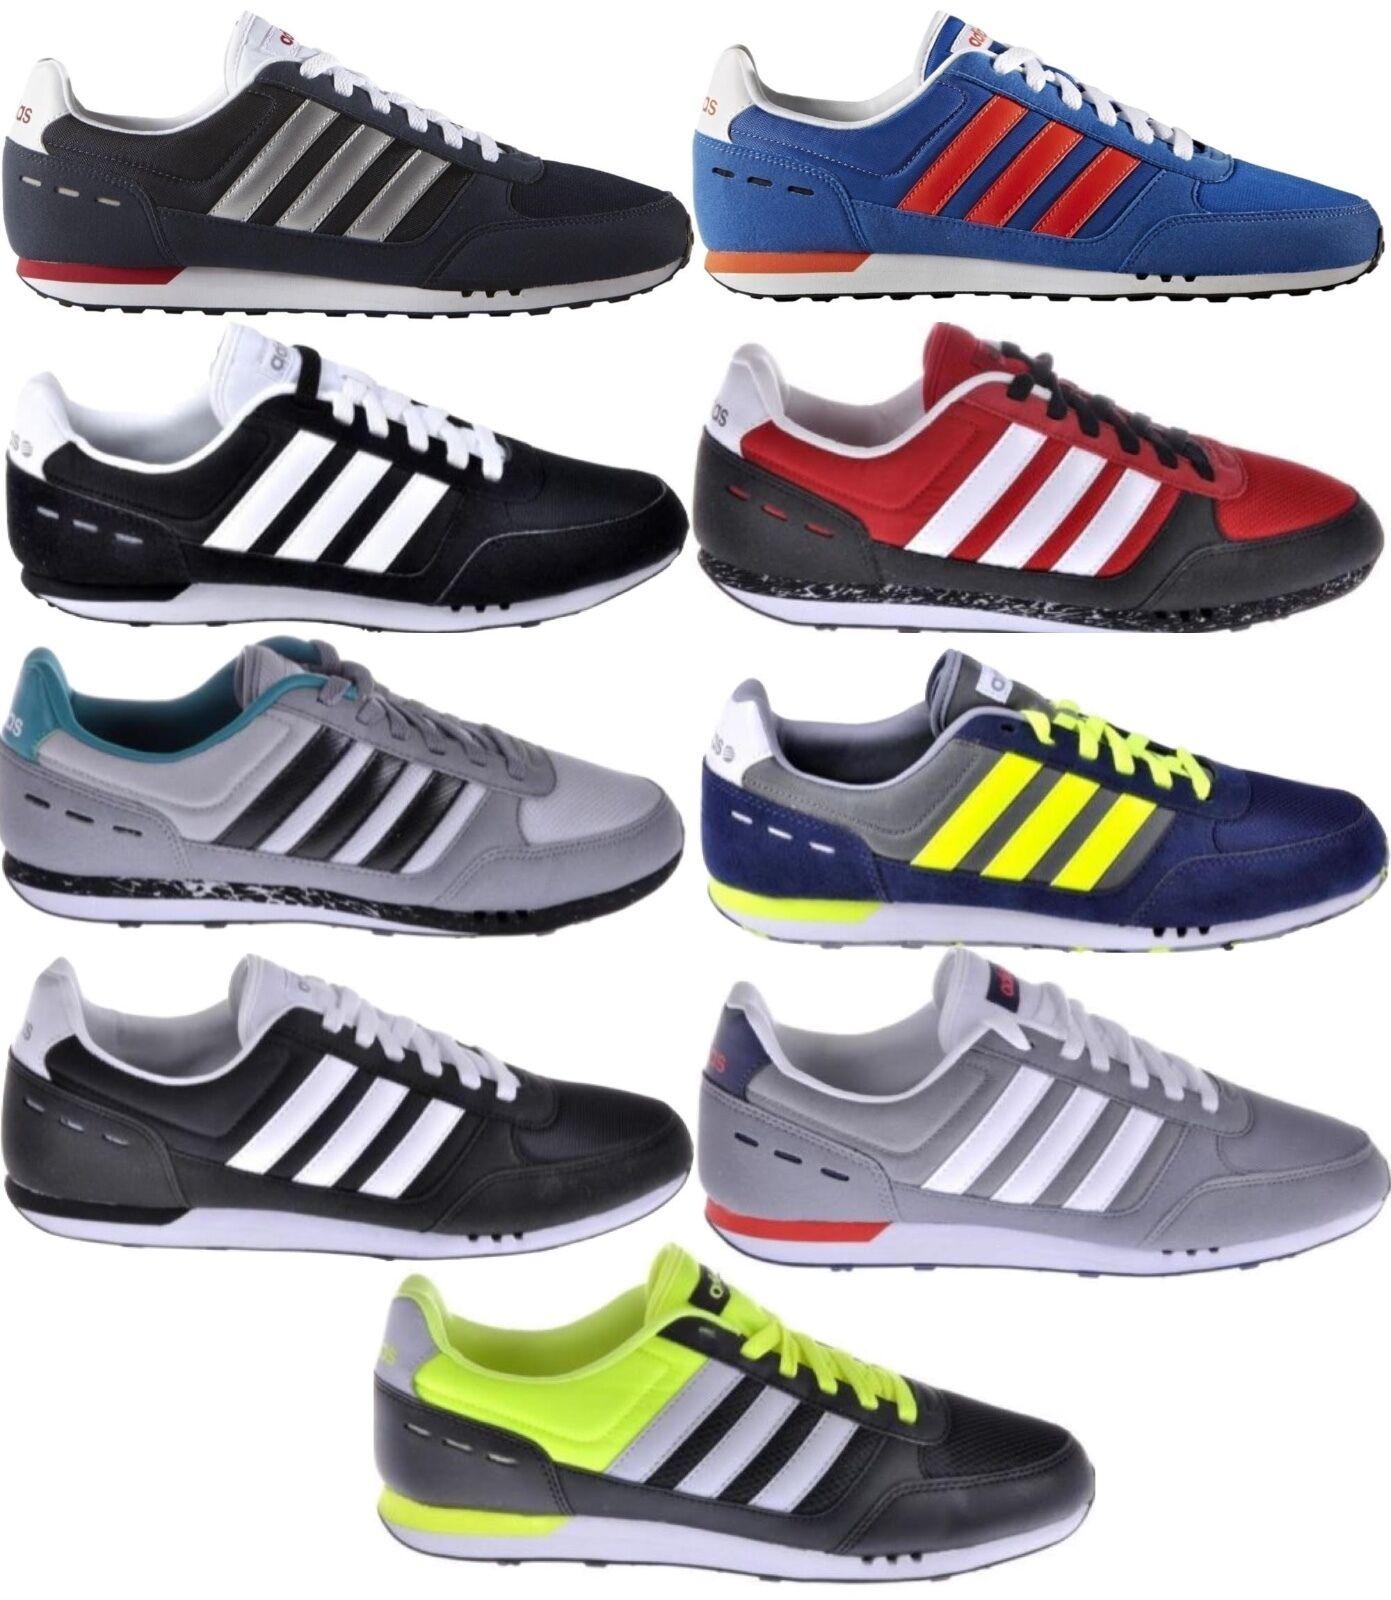 adidas Herren Schuhe NEO CITY RACER Sneaker Freizeitschuhe Turnschuhe